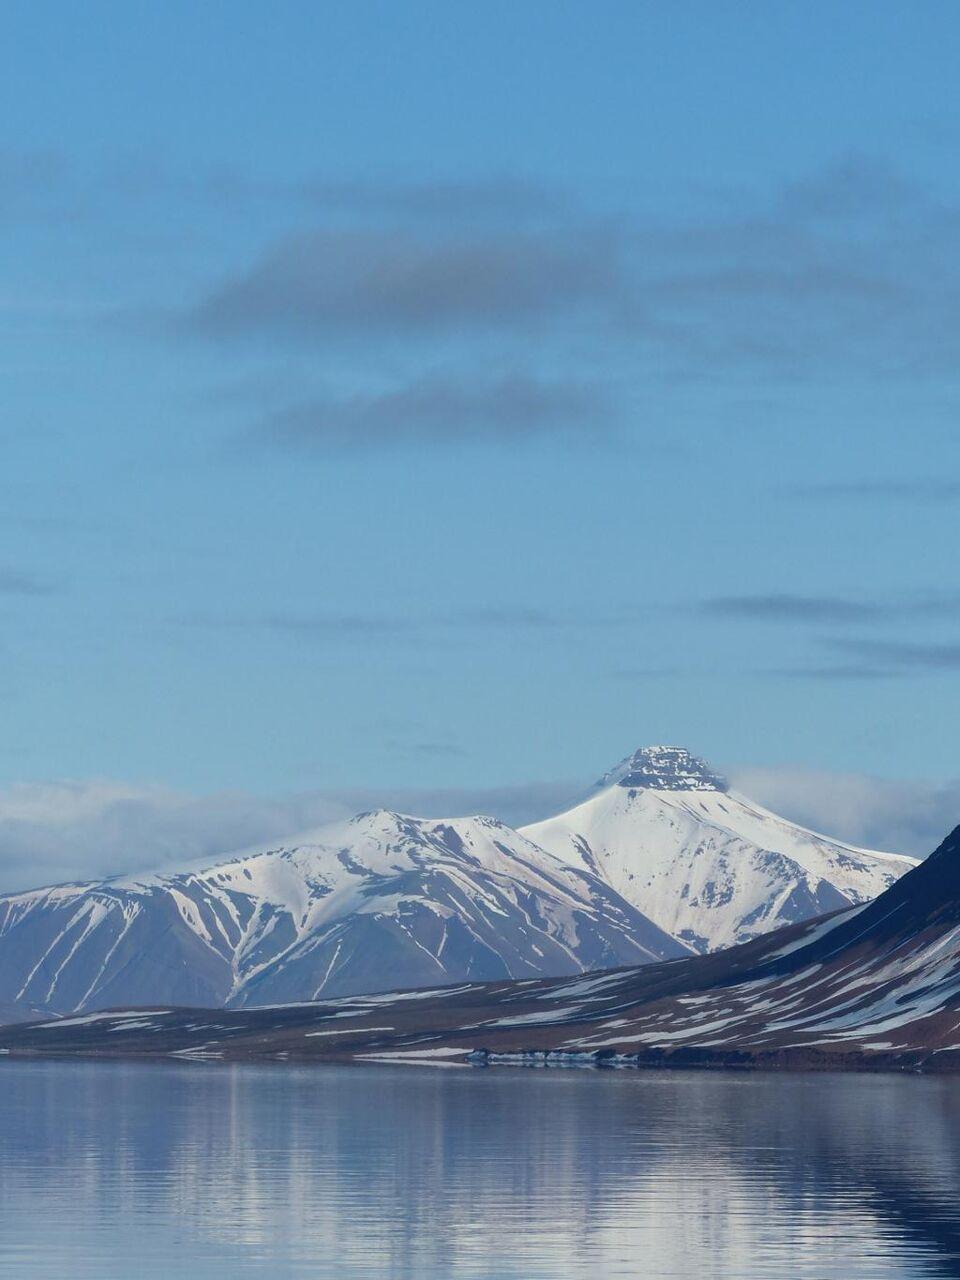 スピッツベルゲン島 山 氷 風景 北極海 水 霜 高精細の画像が シリコーンnn Puヒカル材料壁紙プライムiphoneを入力します 壁紙